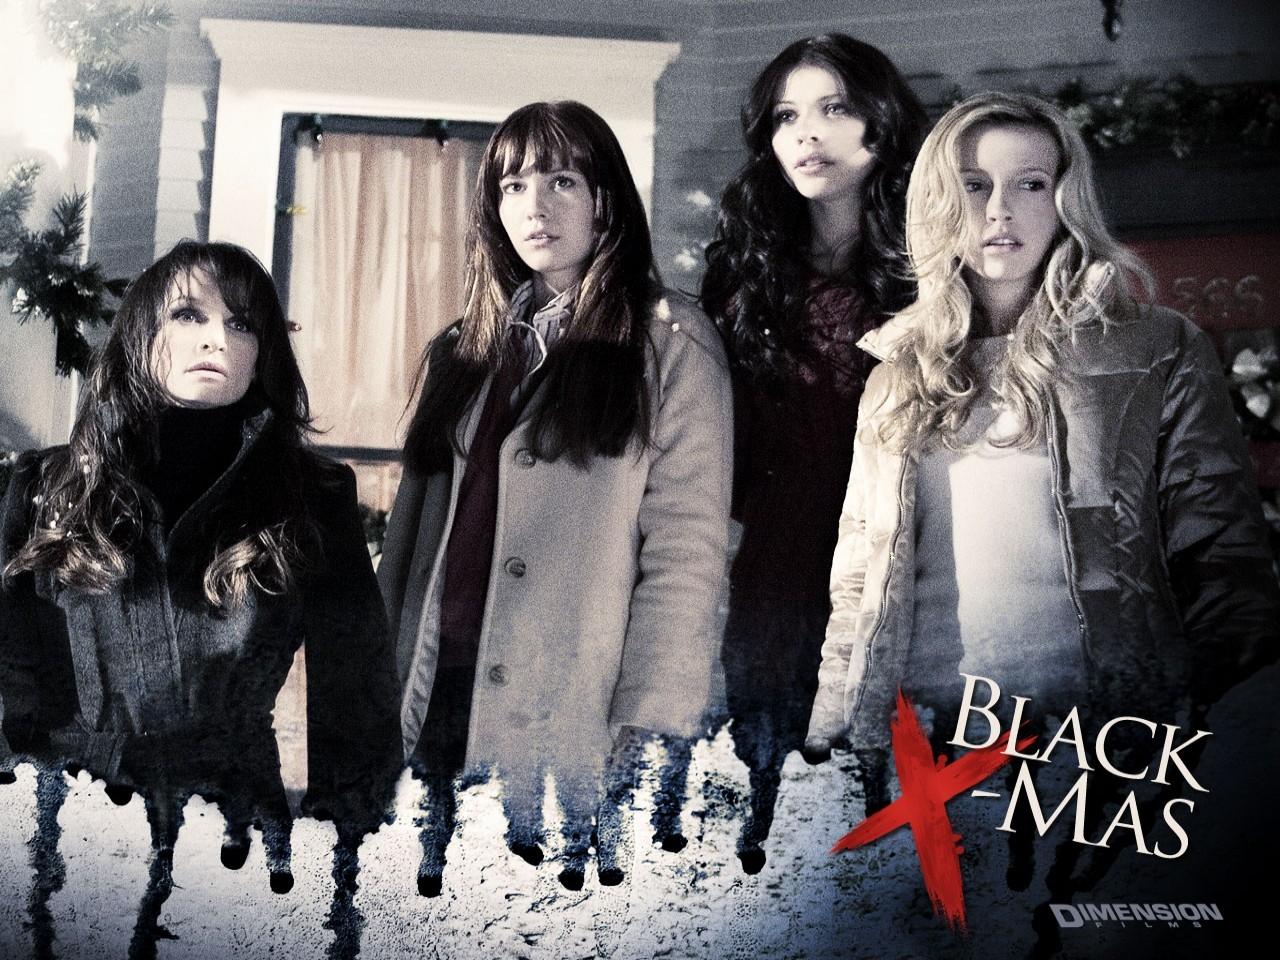 Wallpaper di Black Christmas - Un Natale rosso sangue con le protagoniste del film